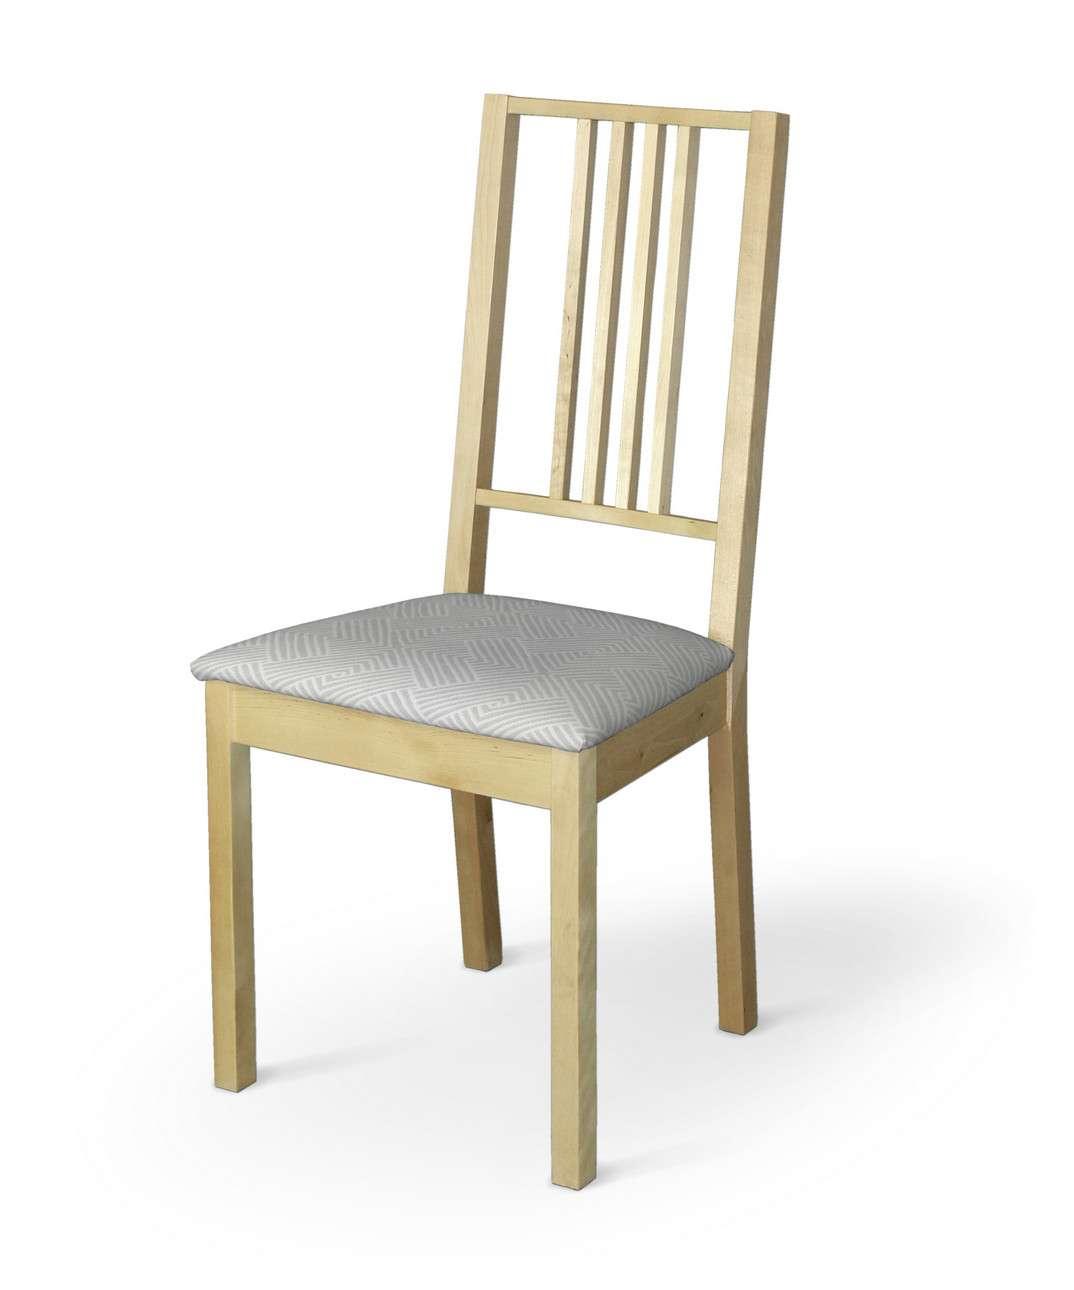 Pokrowiec na siedzisko Börje w kolekcji Sunny, tkanina: 143-43